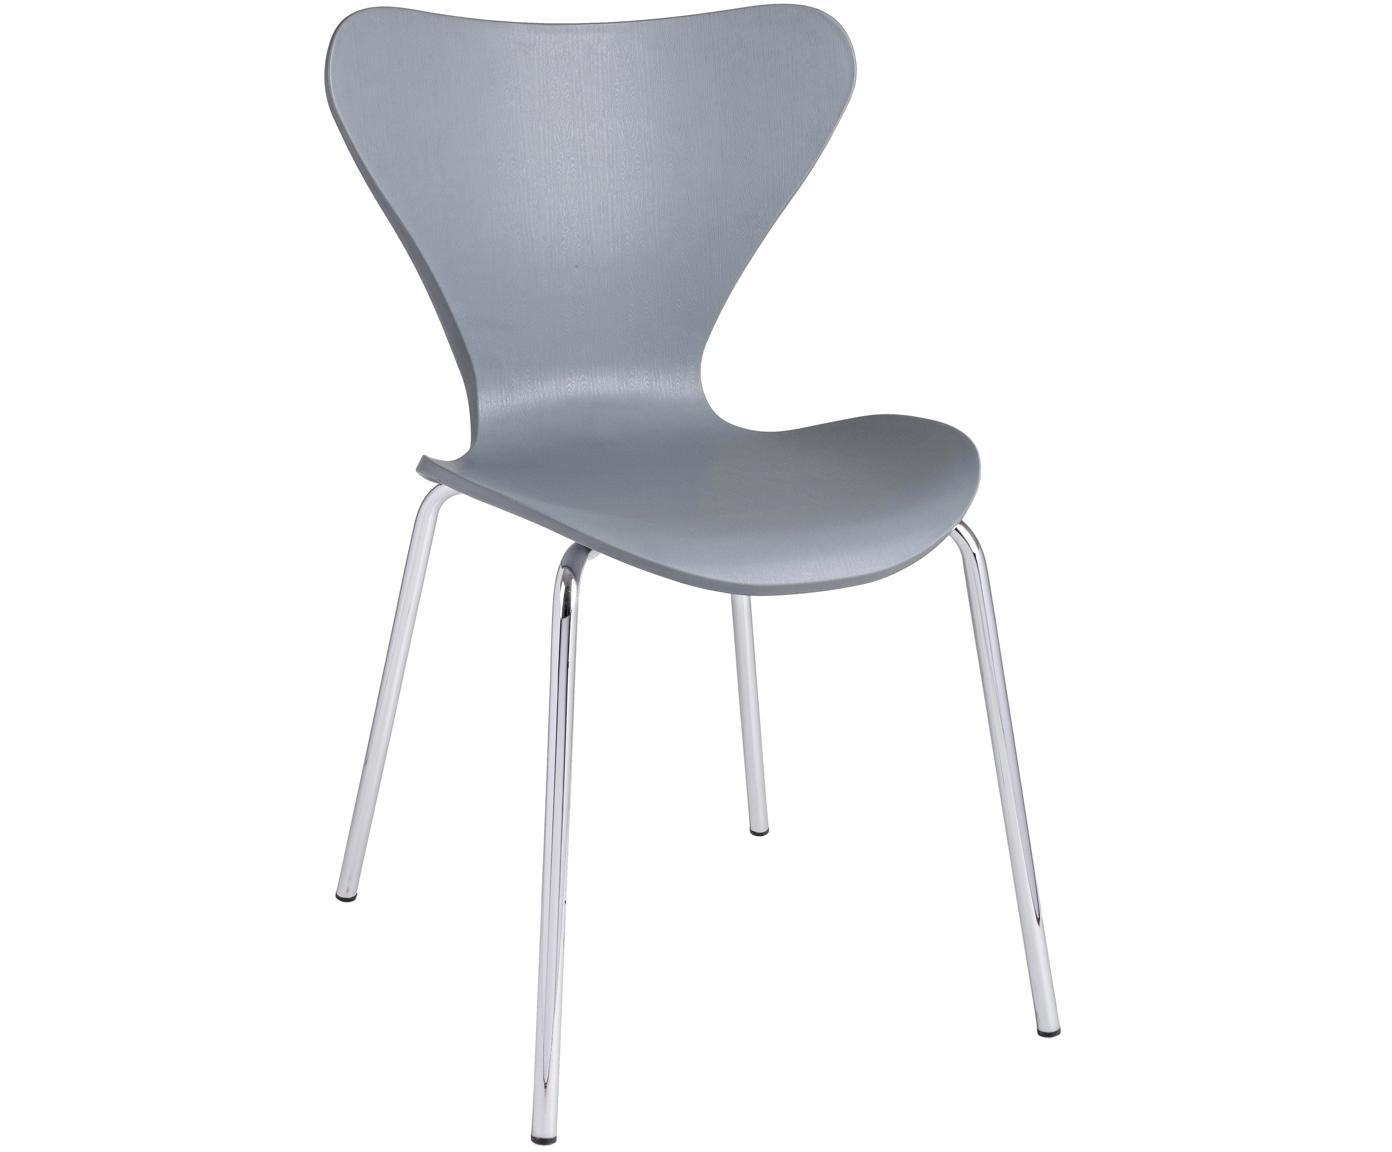 Krzesło z tworzywa sztucznego do układania w stos Tessa, 2szt., Nogi: metal chromowany, Jasny szary, chrom, S 50 x G 50 cm